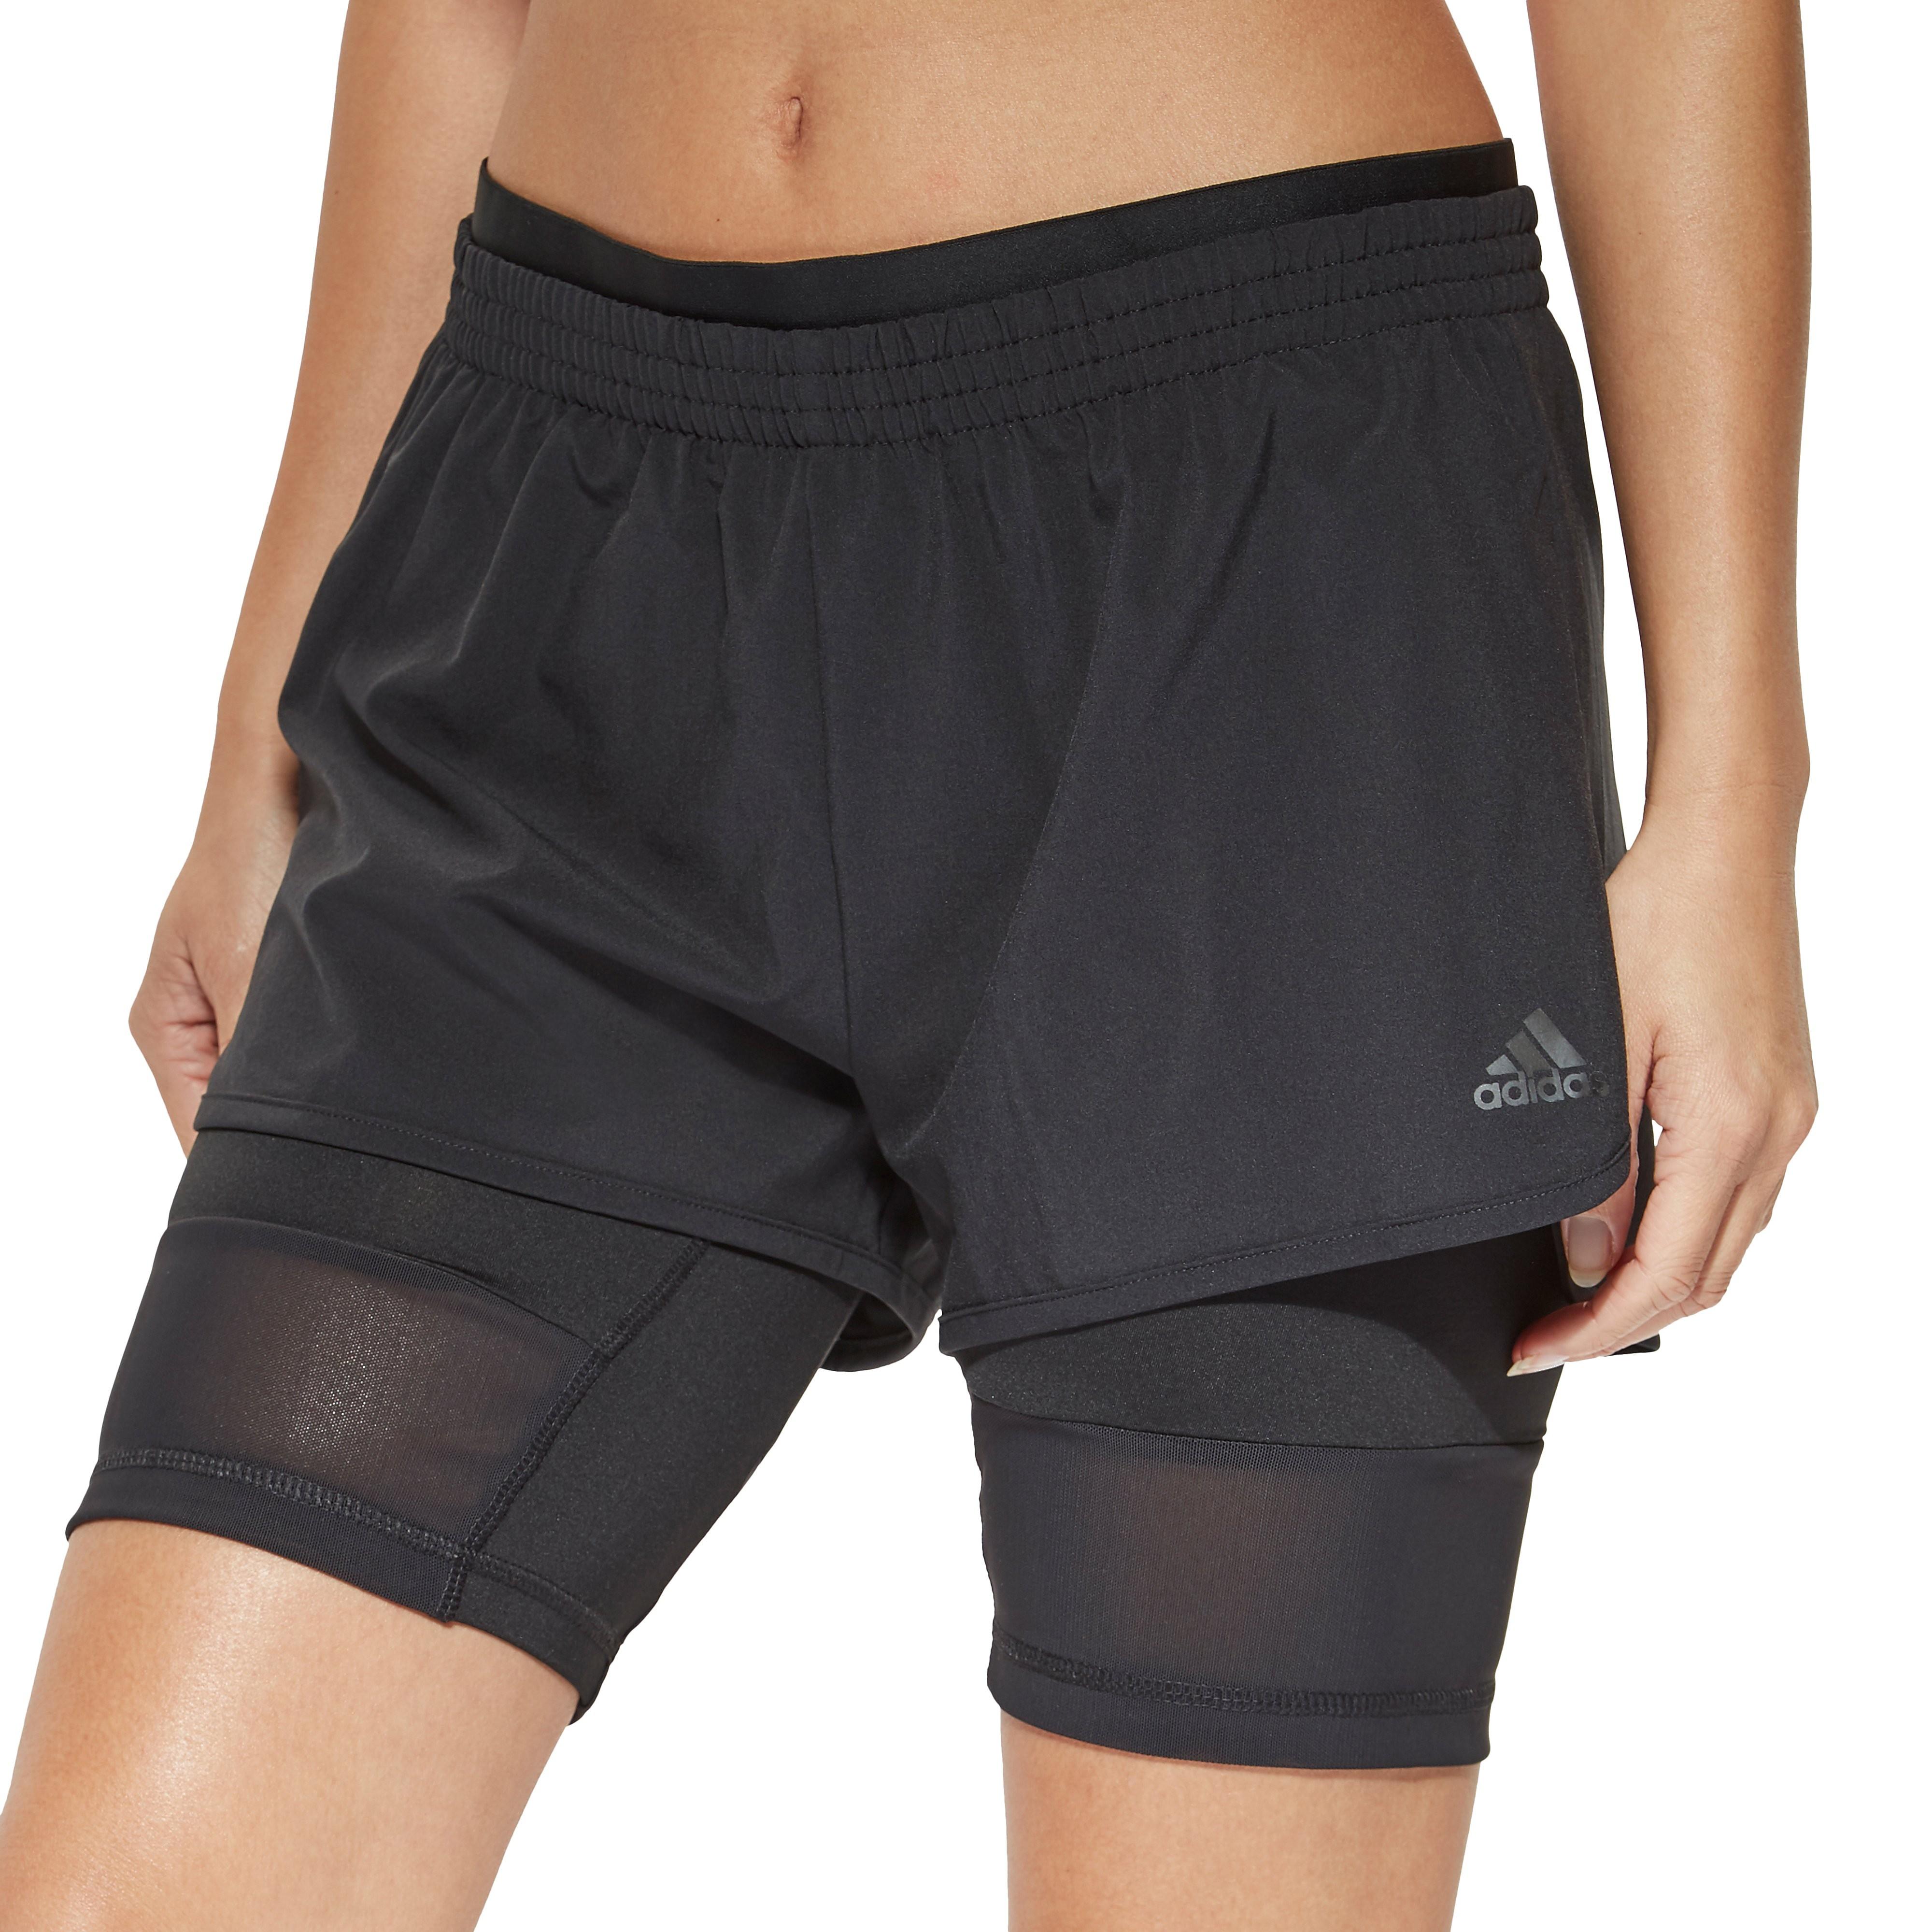 adidas 2-in-1 Long Women's Shorts